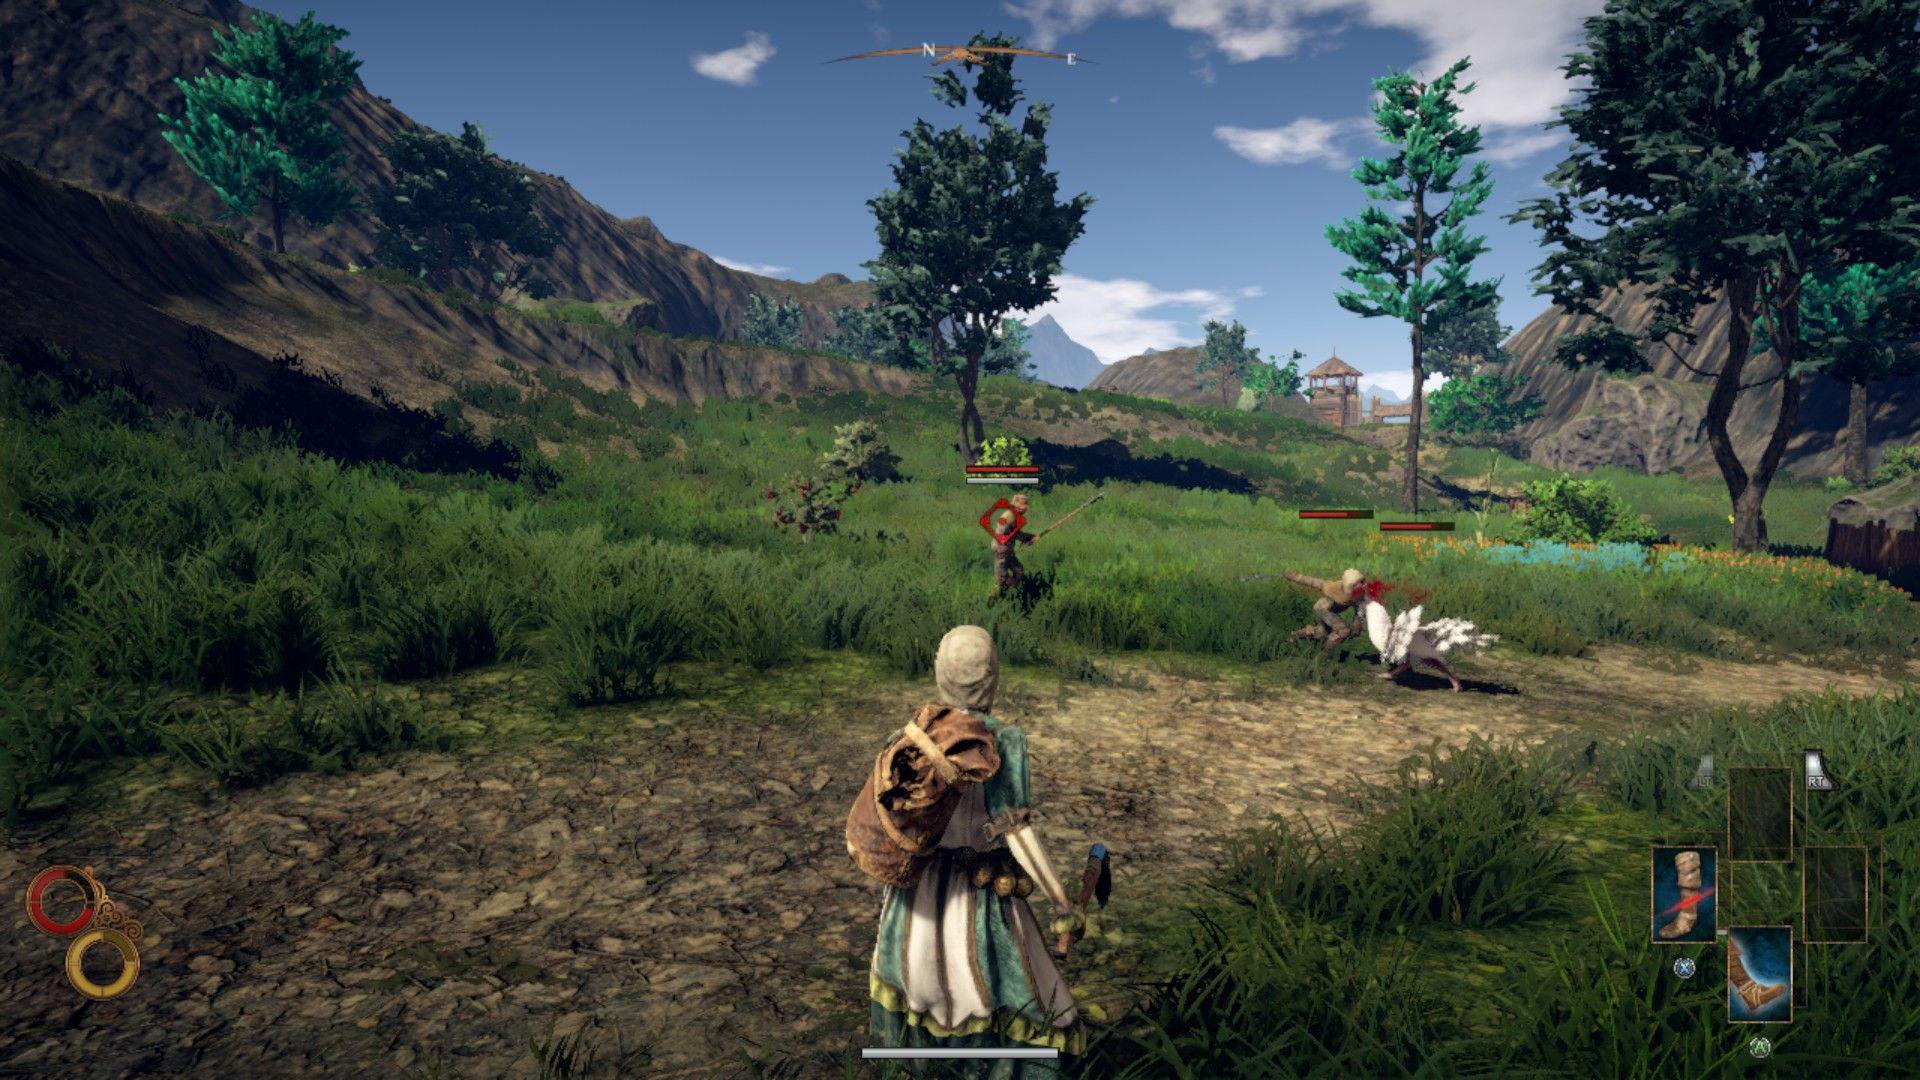 开放世界冒险游戏《物质世界》dlc2将于12月发布